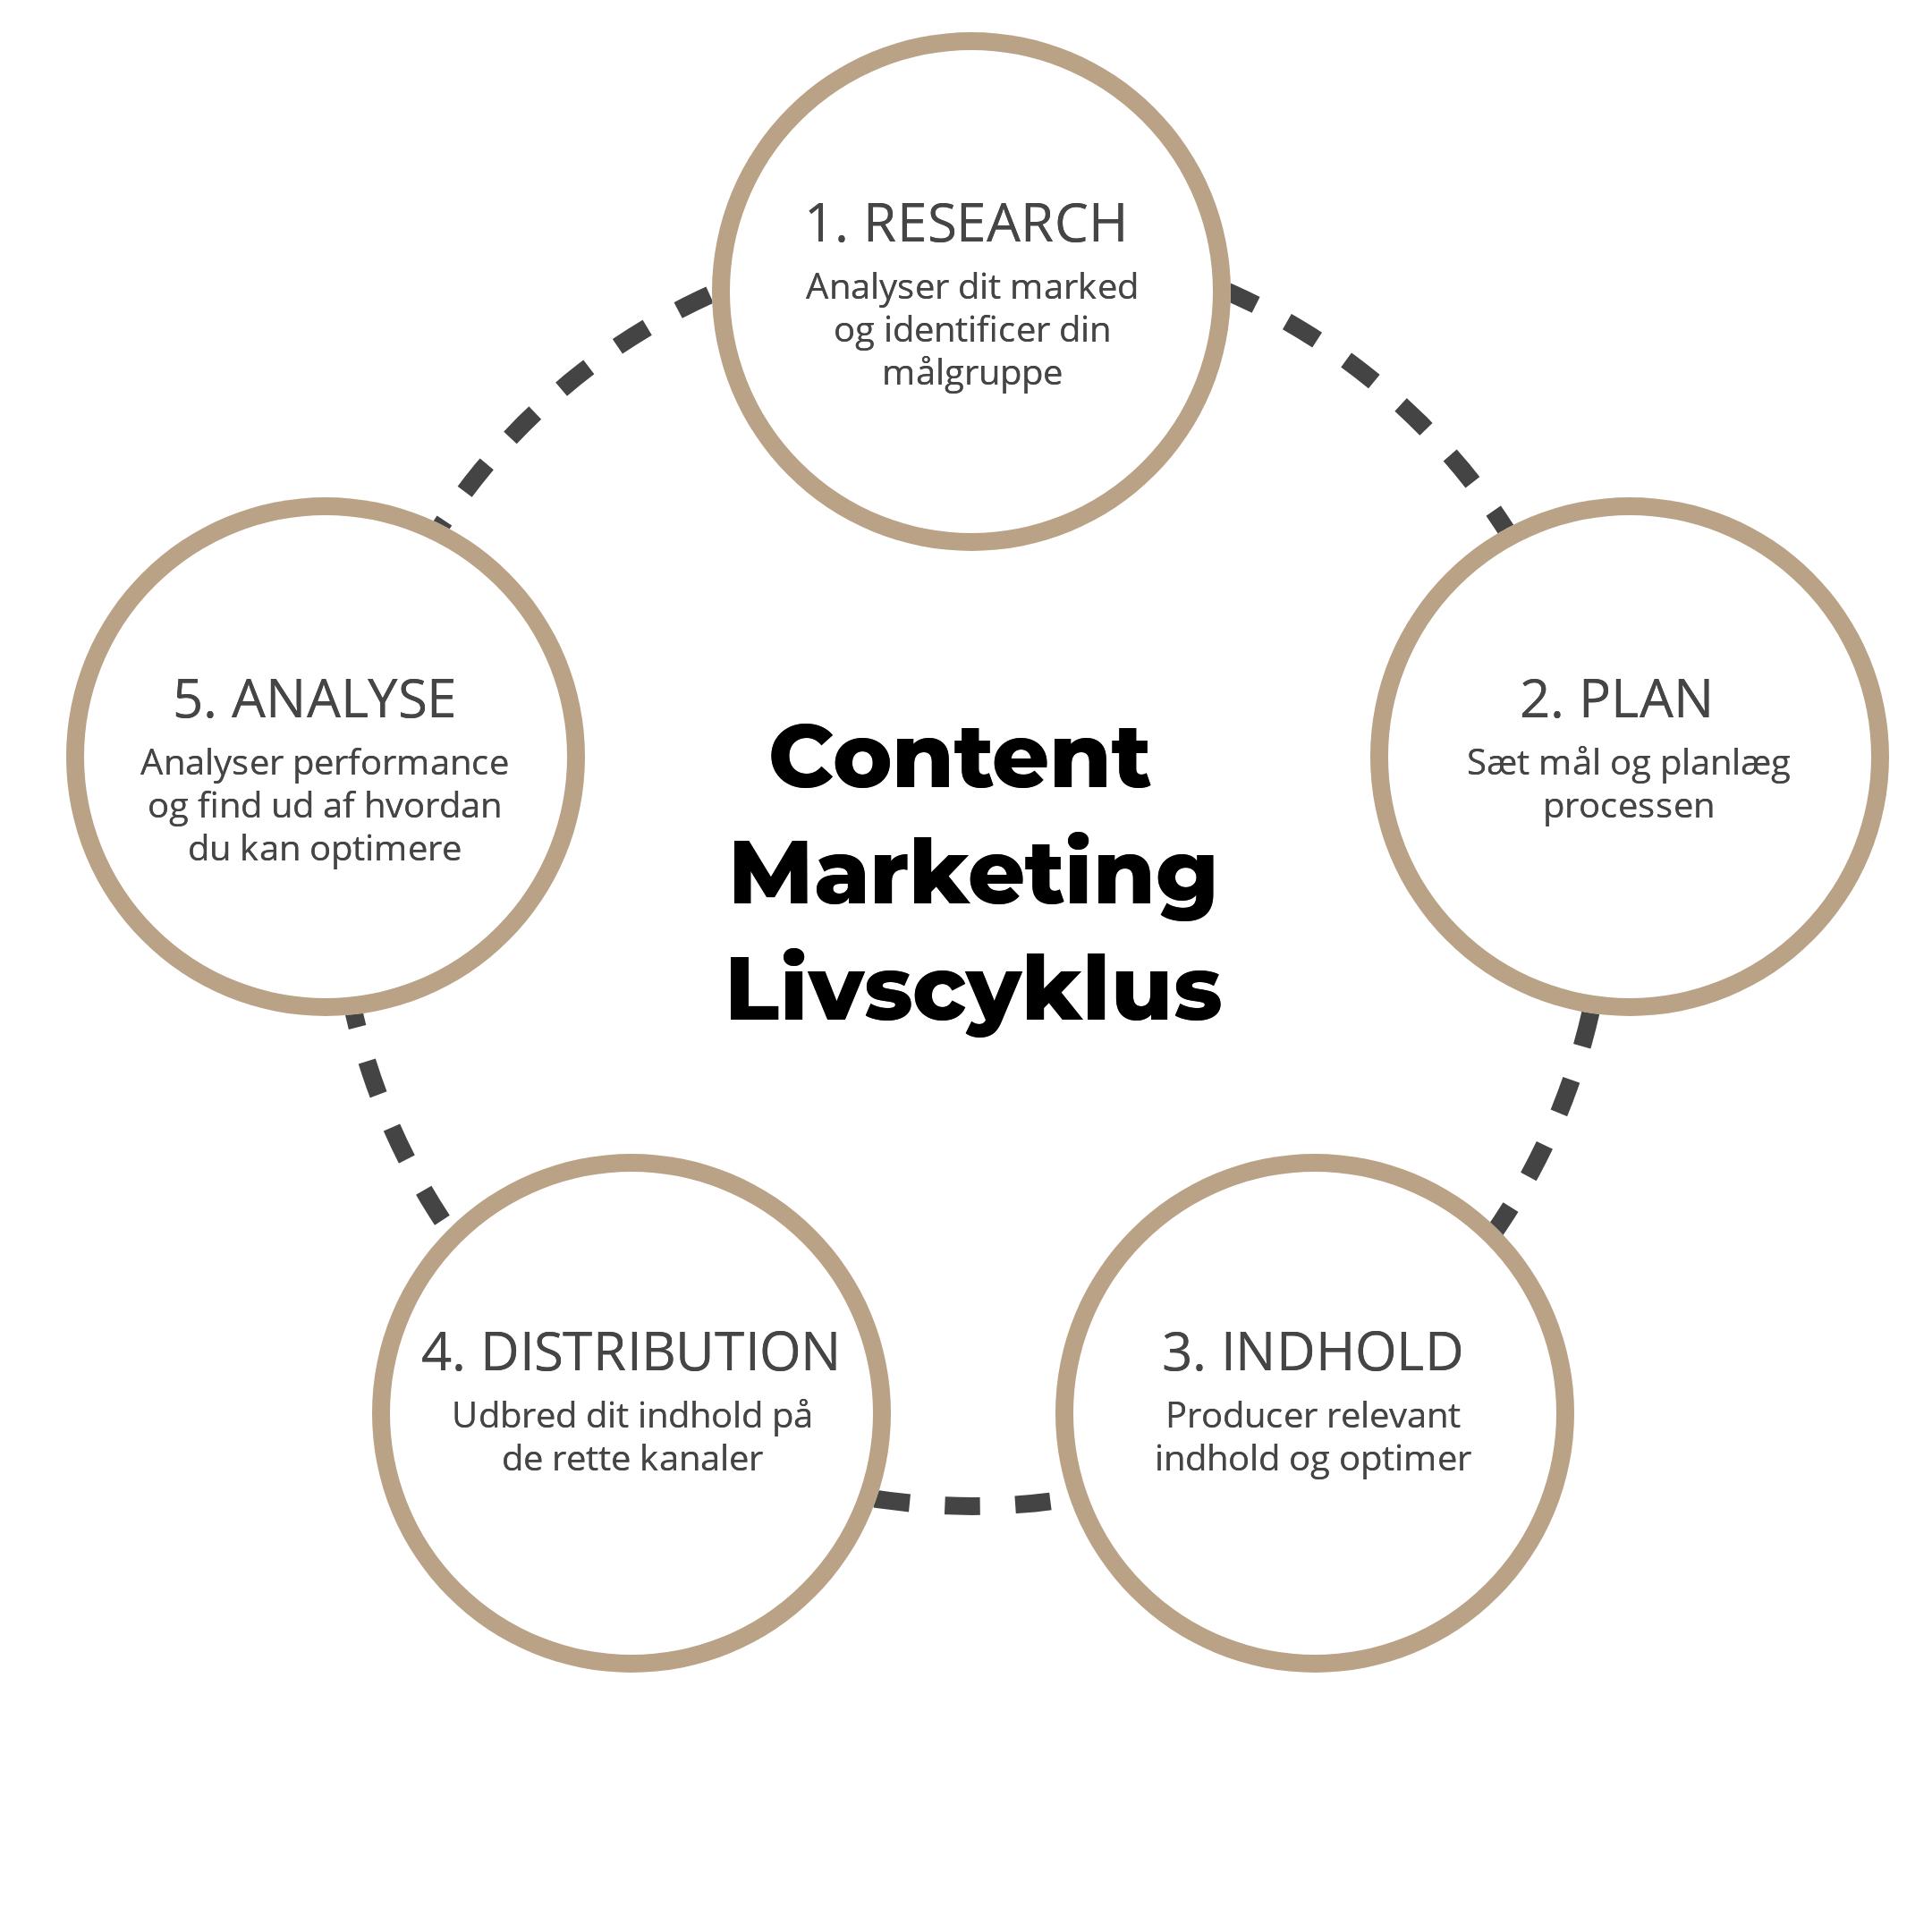 Livscyklus for produktion af content marketing